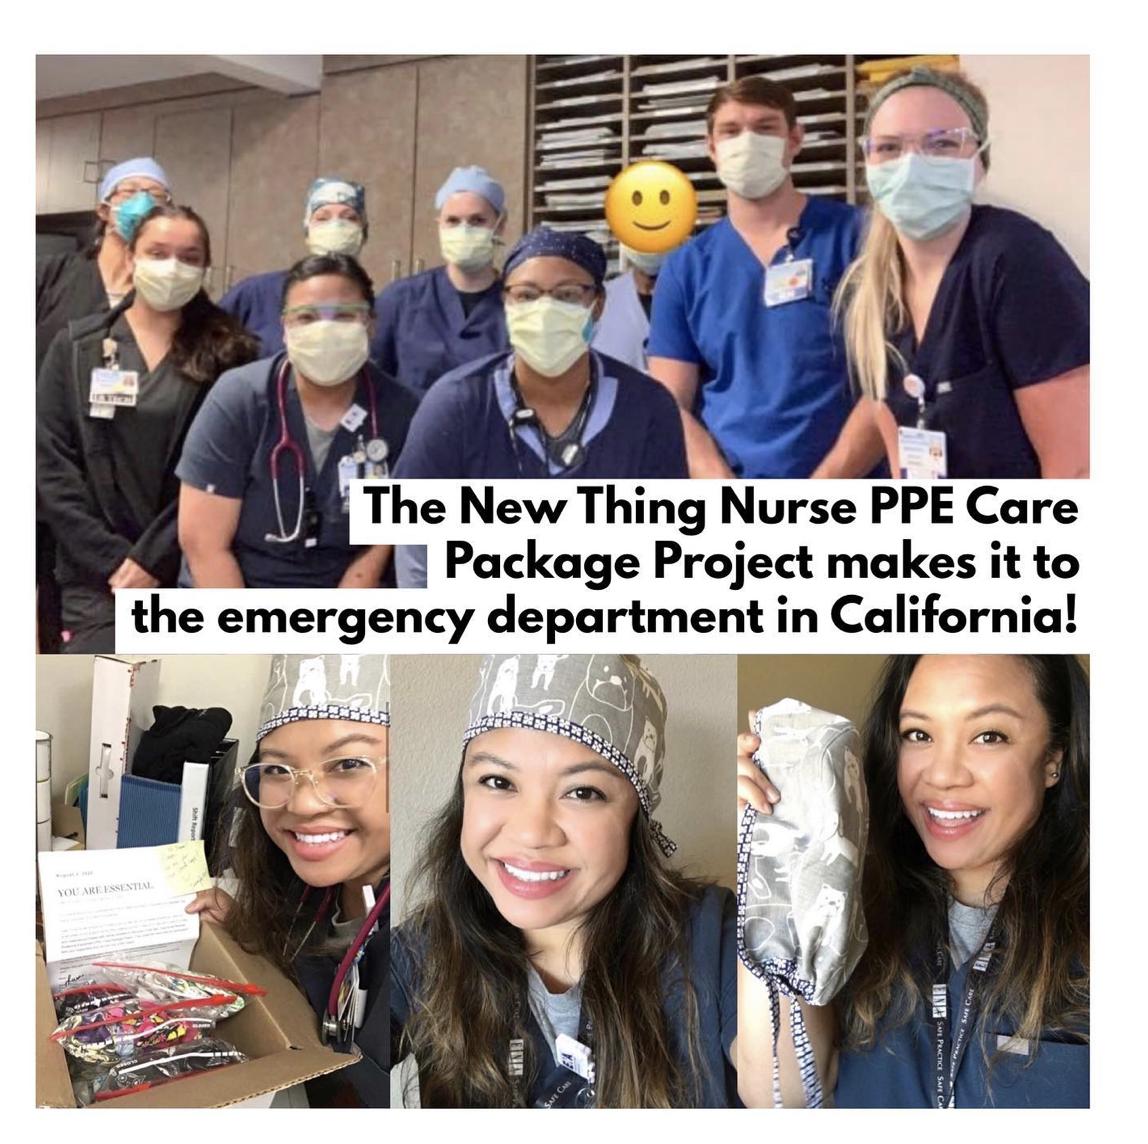 2020年8月8日:加利新万博官方app福尼亚州斯托克顿市一家社区医院的急诊室收到了一套全新的护士个人防护用品护理包,里面有手工制作的磨砂帽。点击上面的图片阅读更多!